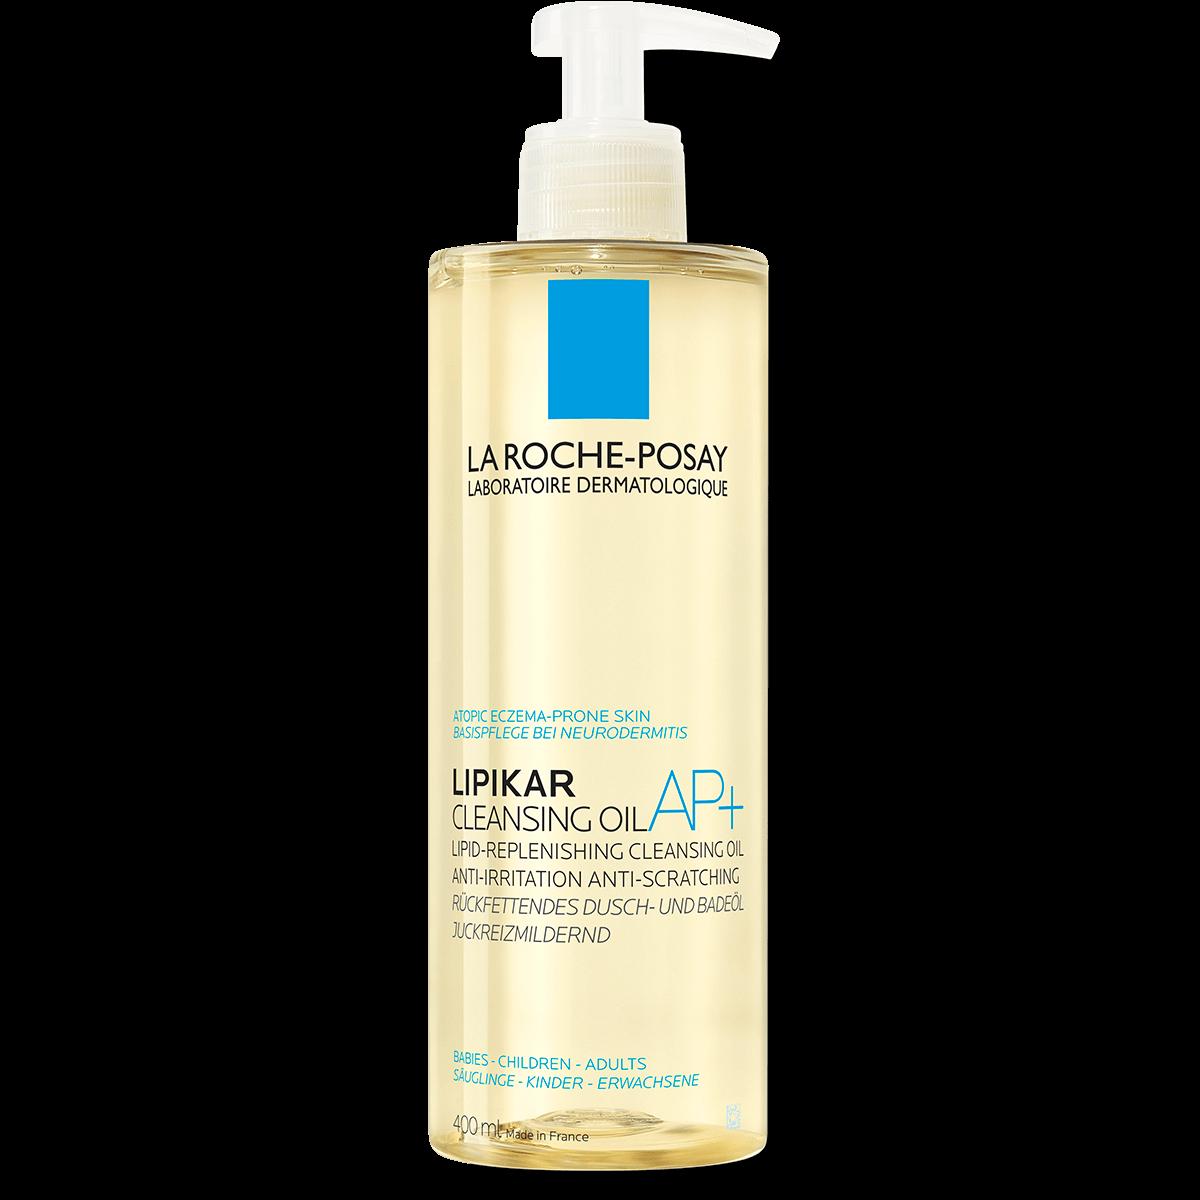 Lipikar Cleansing Oil AP 400 ml Przód | La Roche Posay